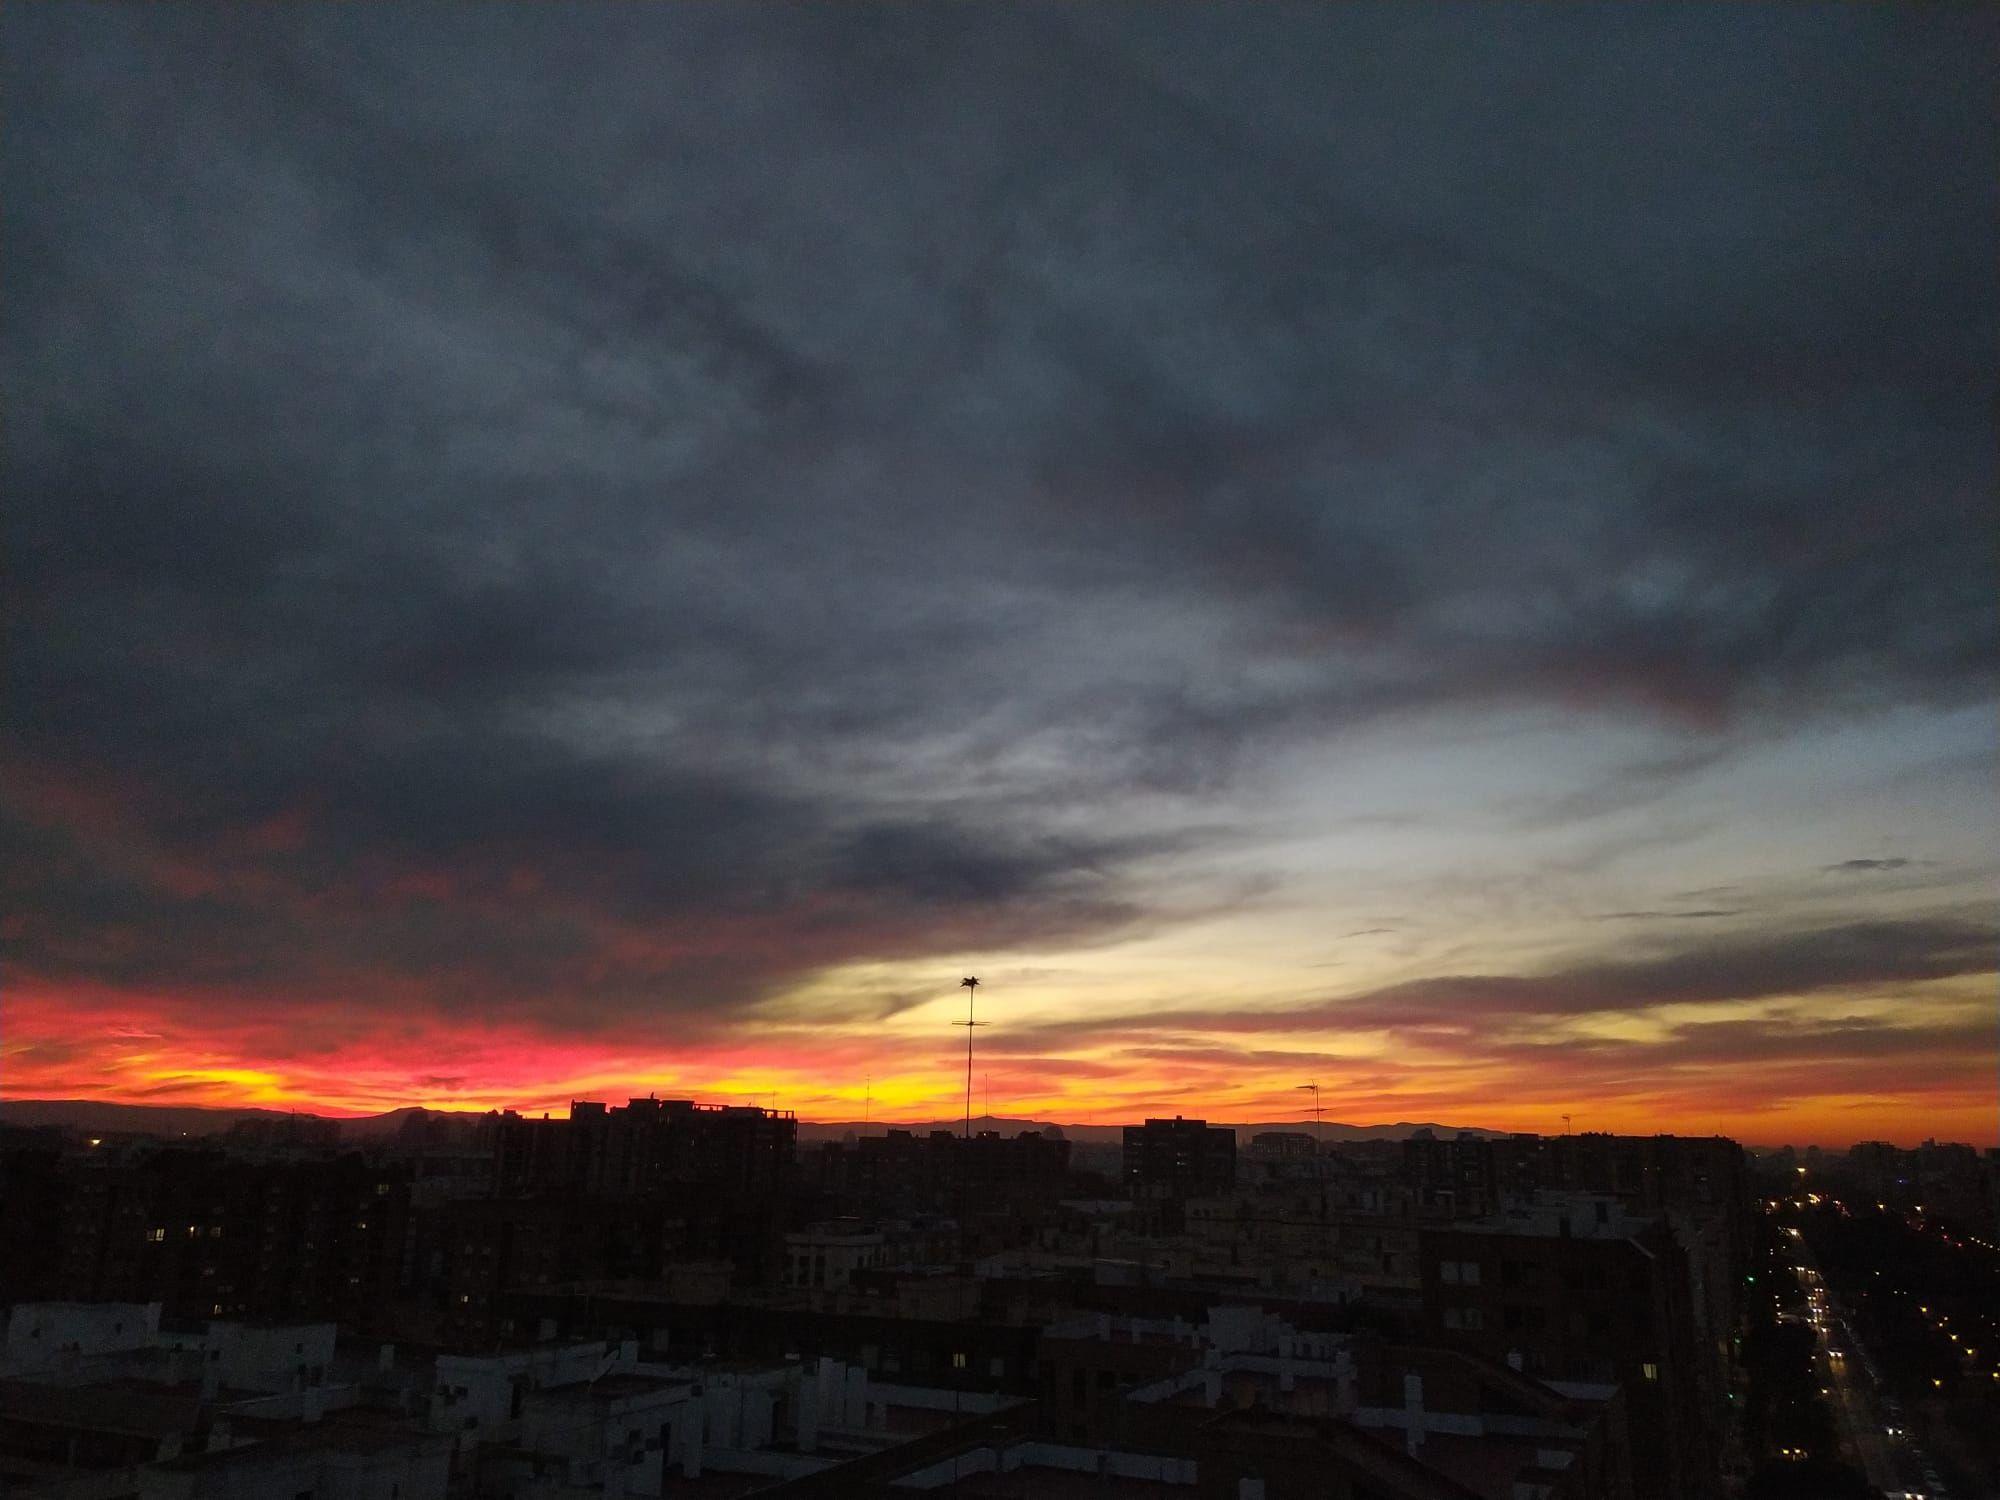 Nuevo candilazo en Valencia: espectacular cielo al anochecer